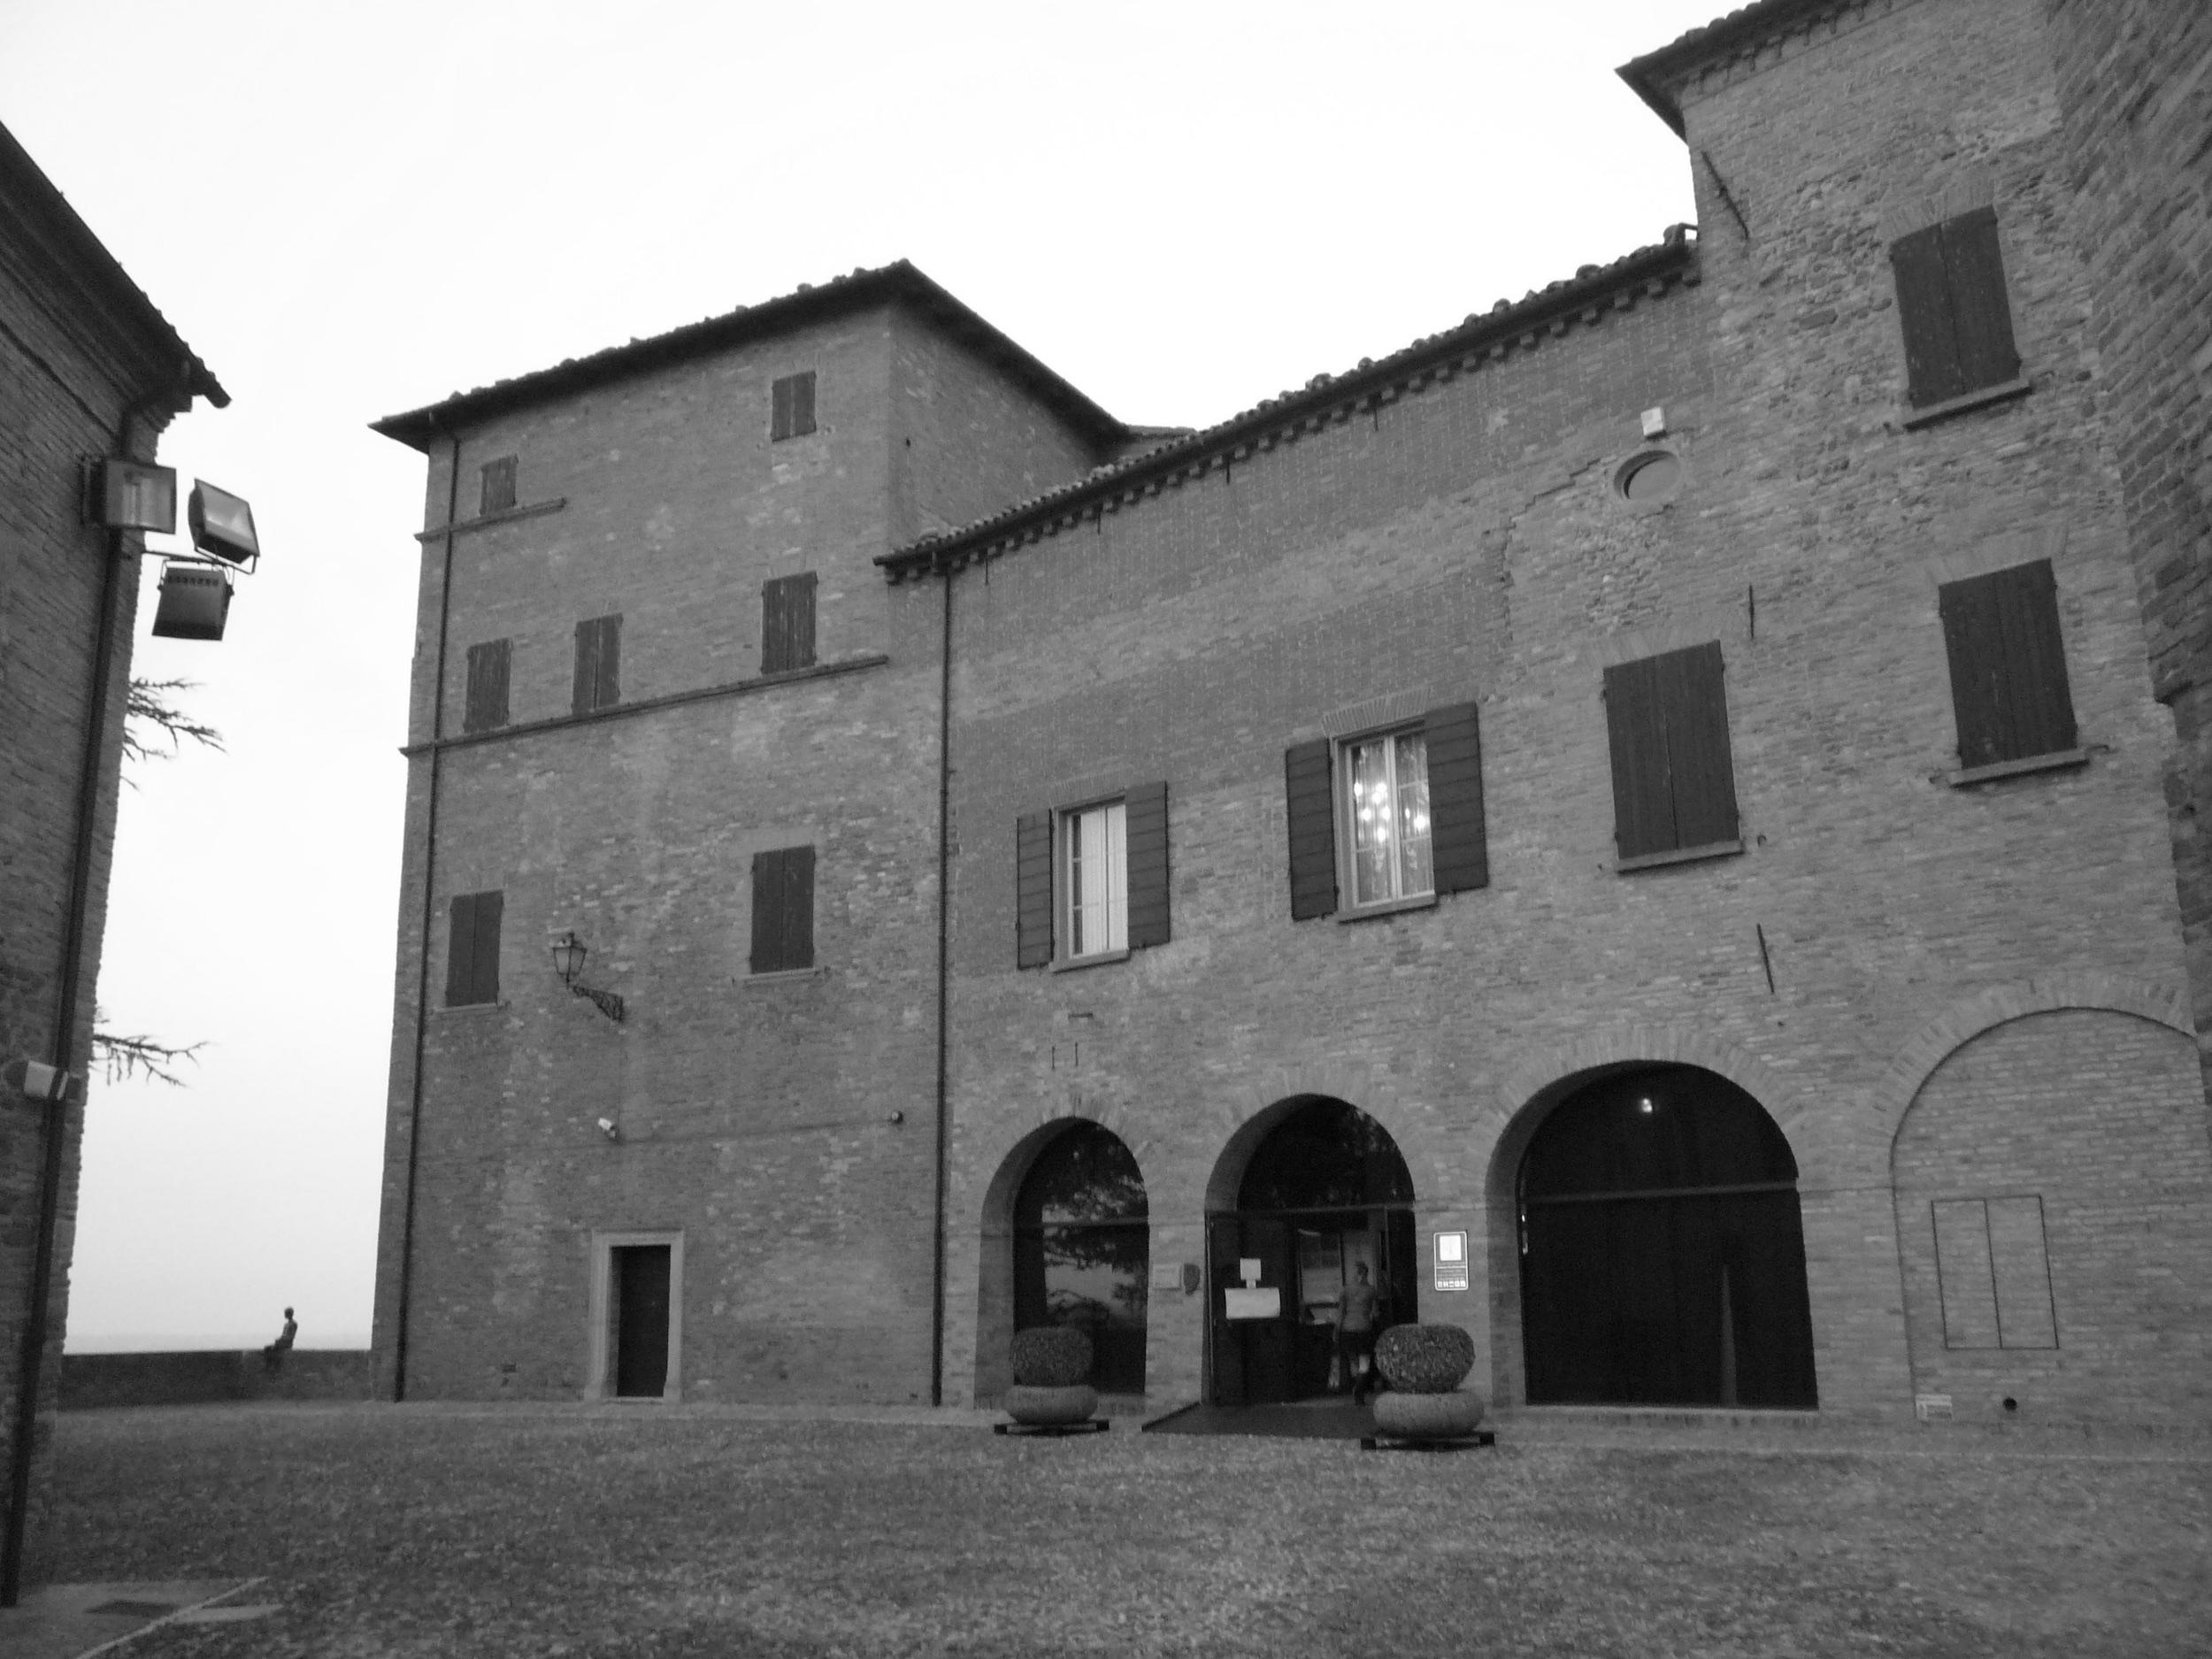 Studio Bacchi Architetti Longiano 4